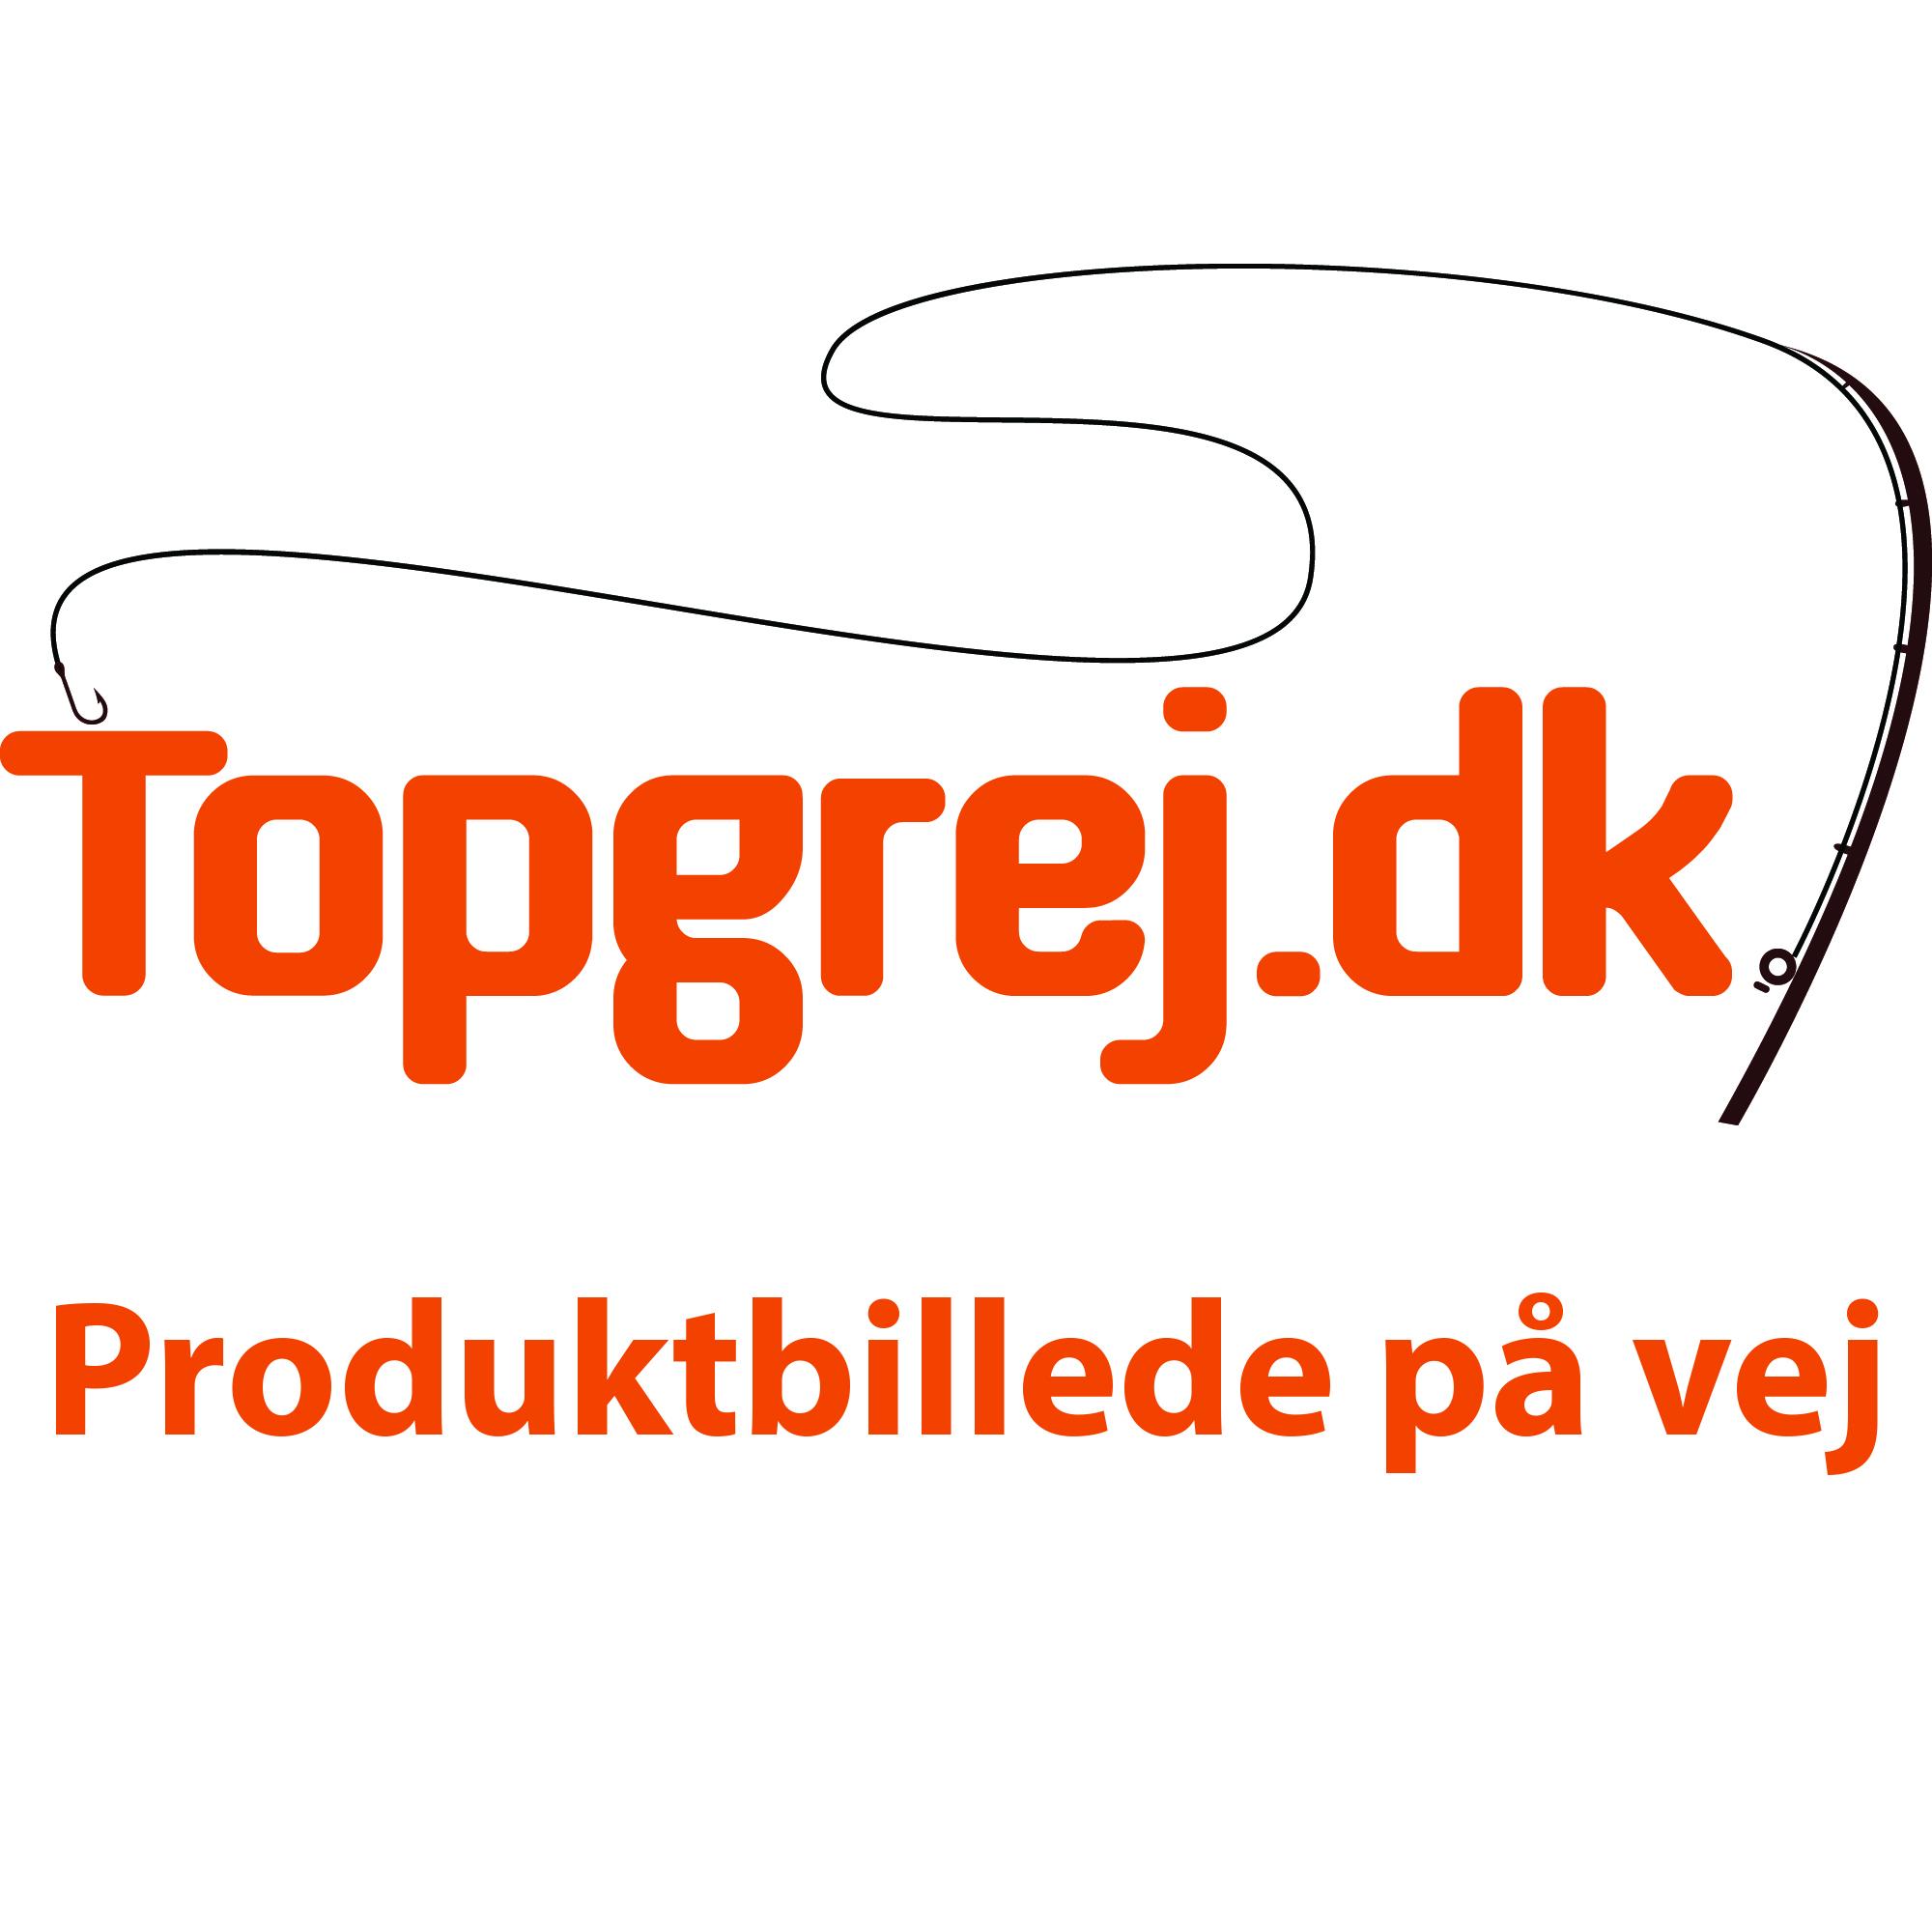 Eiger Merino Uld Strømper - Sort/Grå